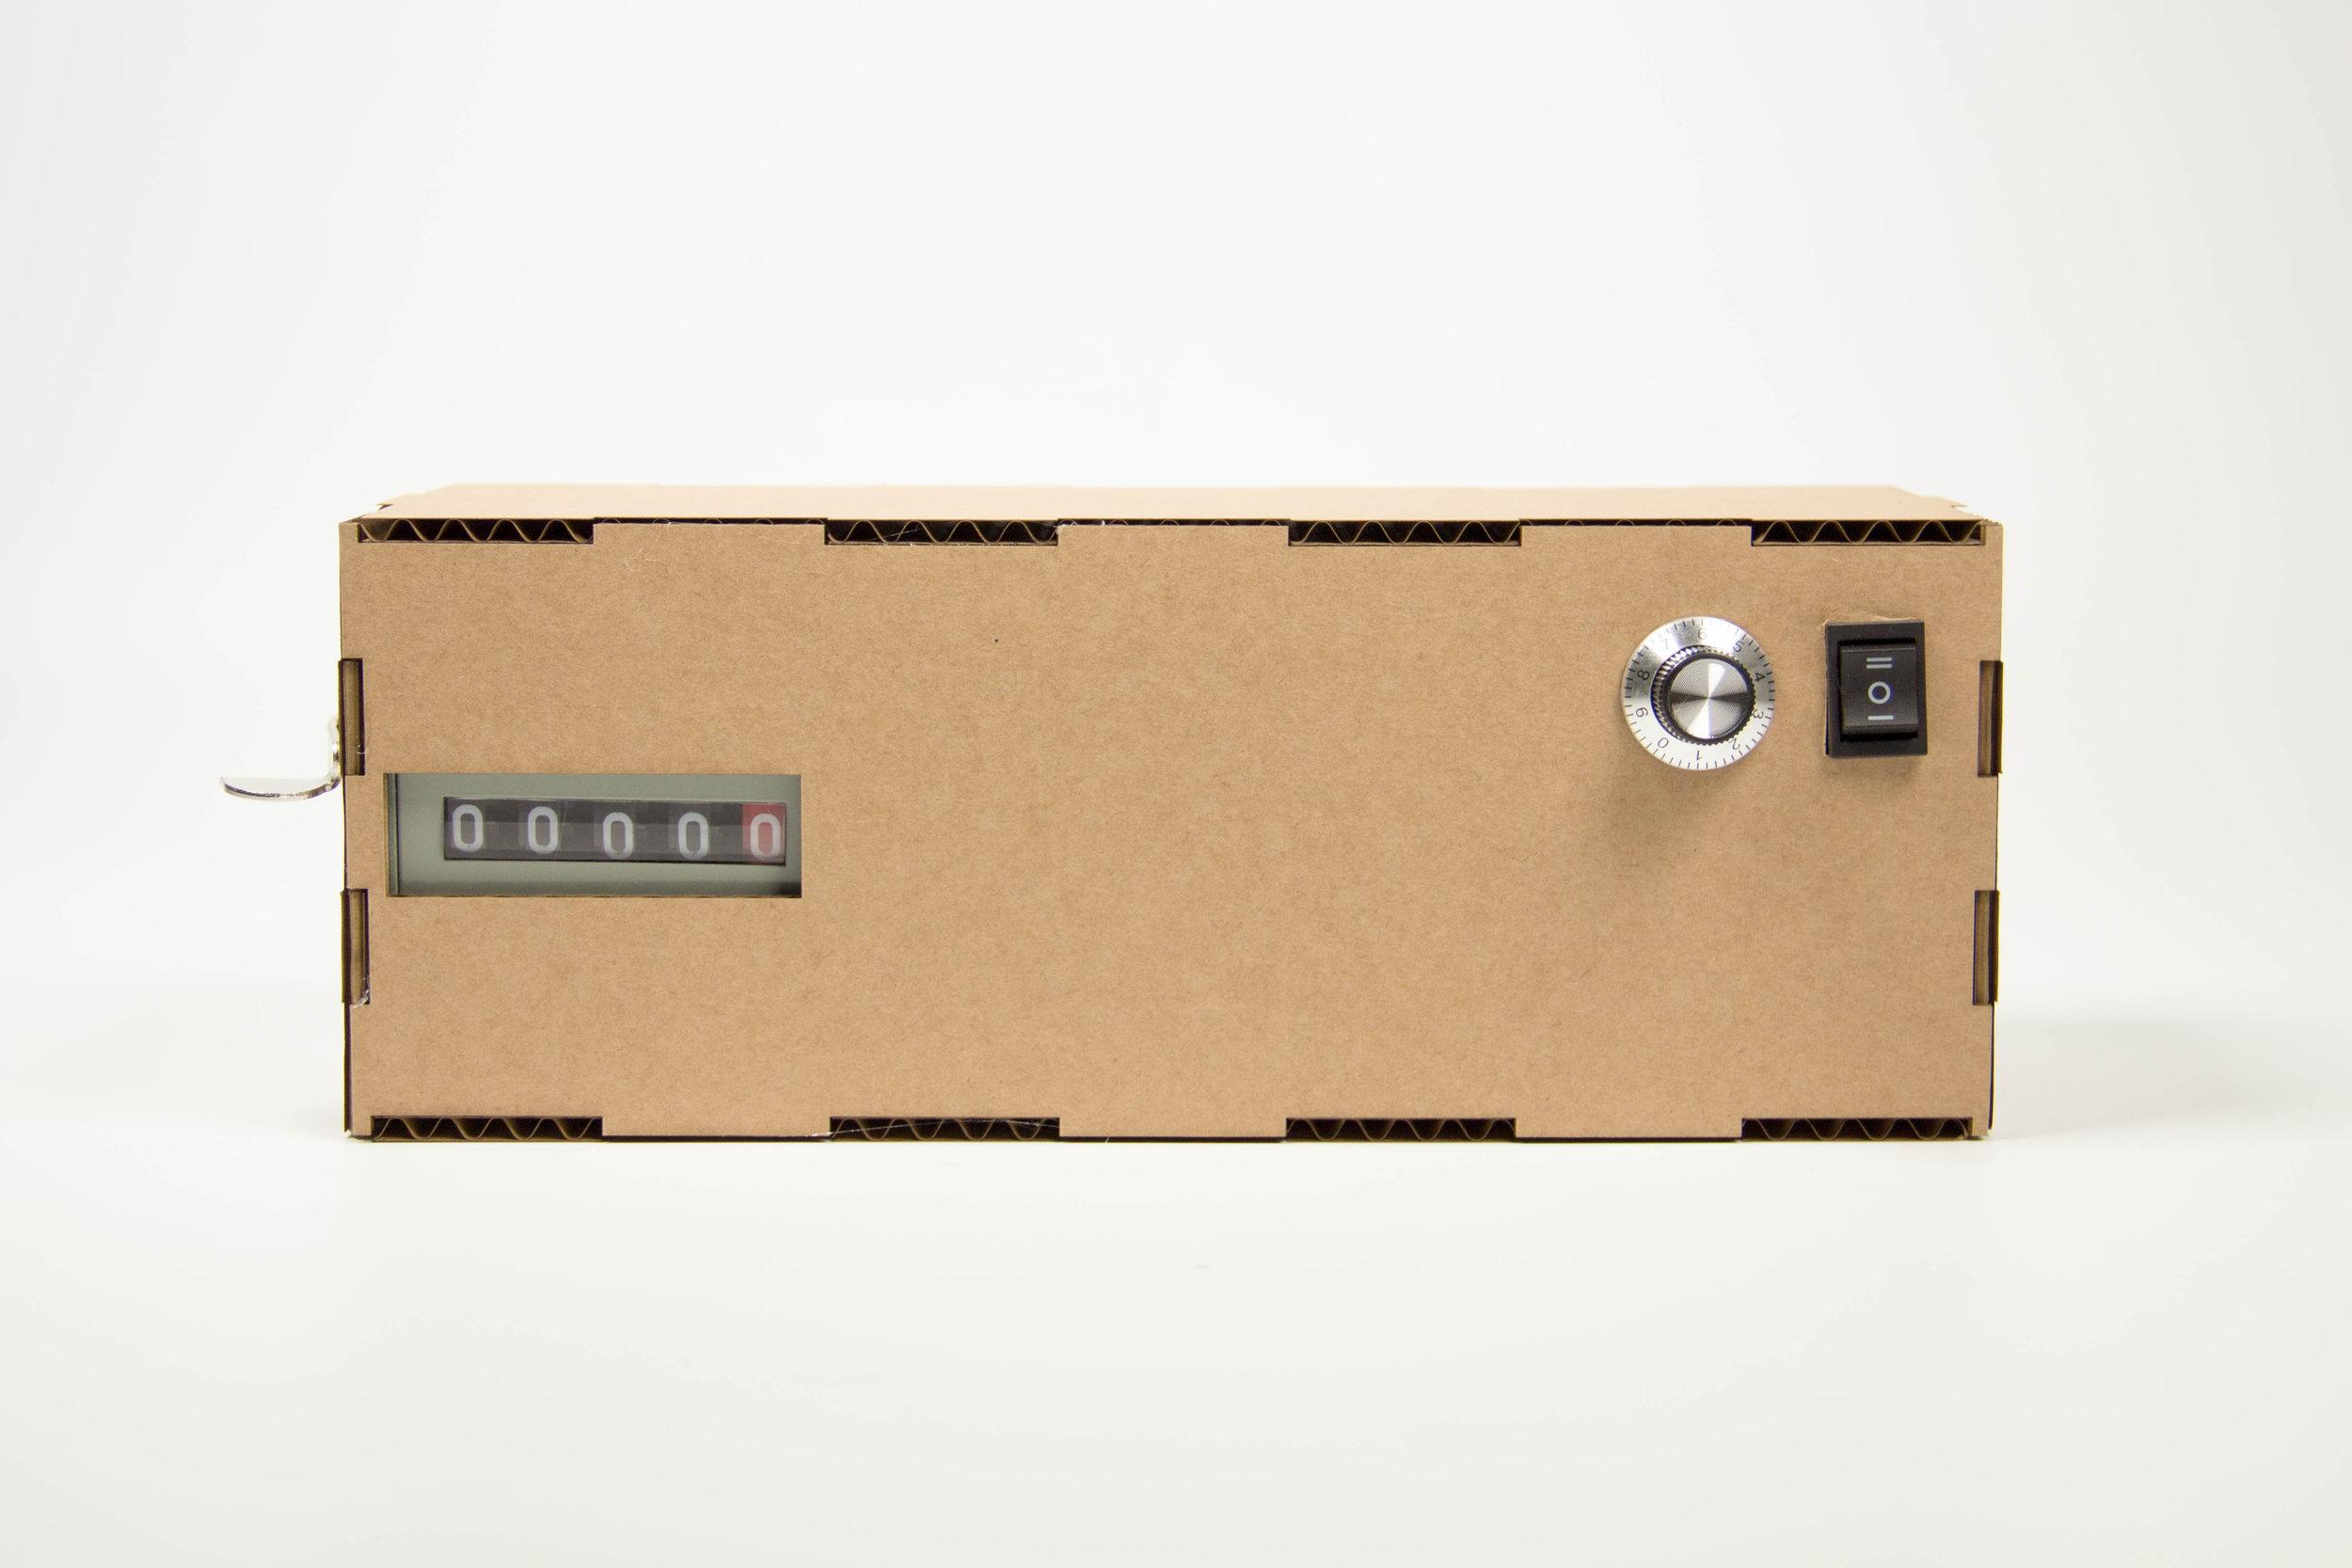 Desktop Odometer